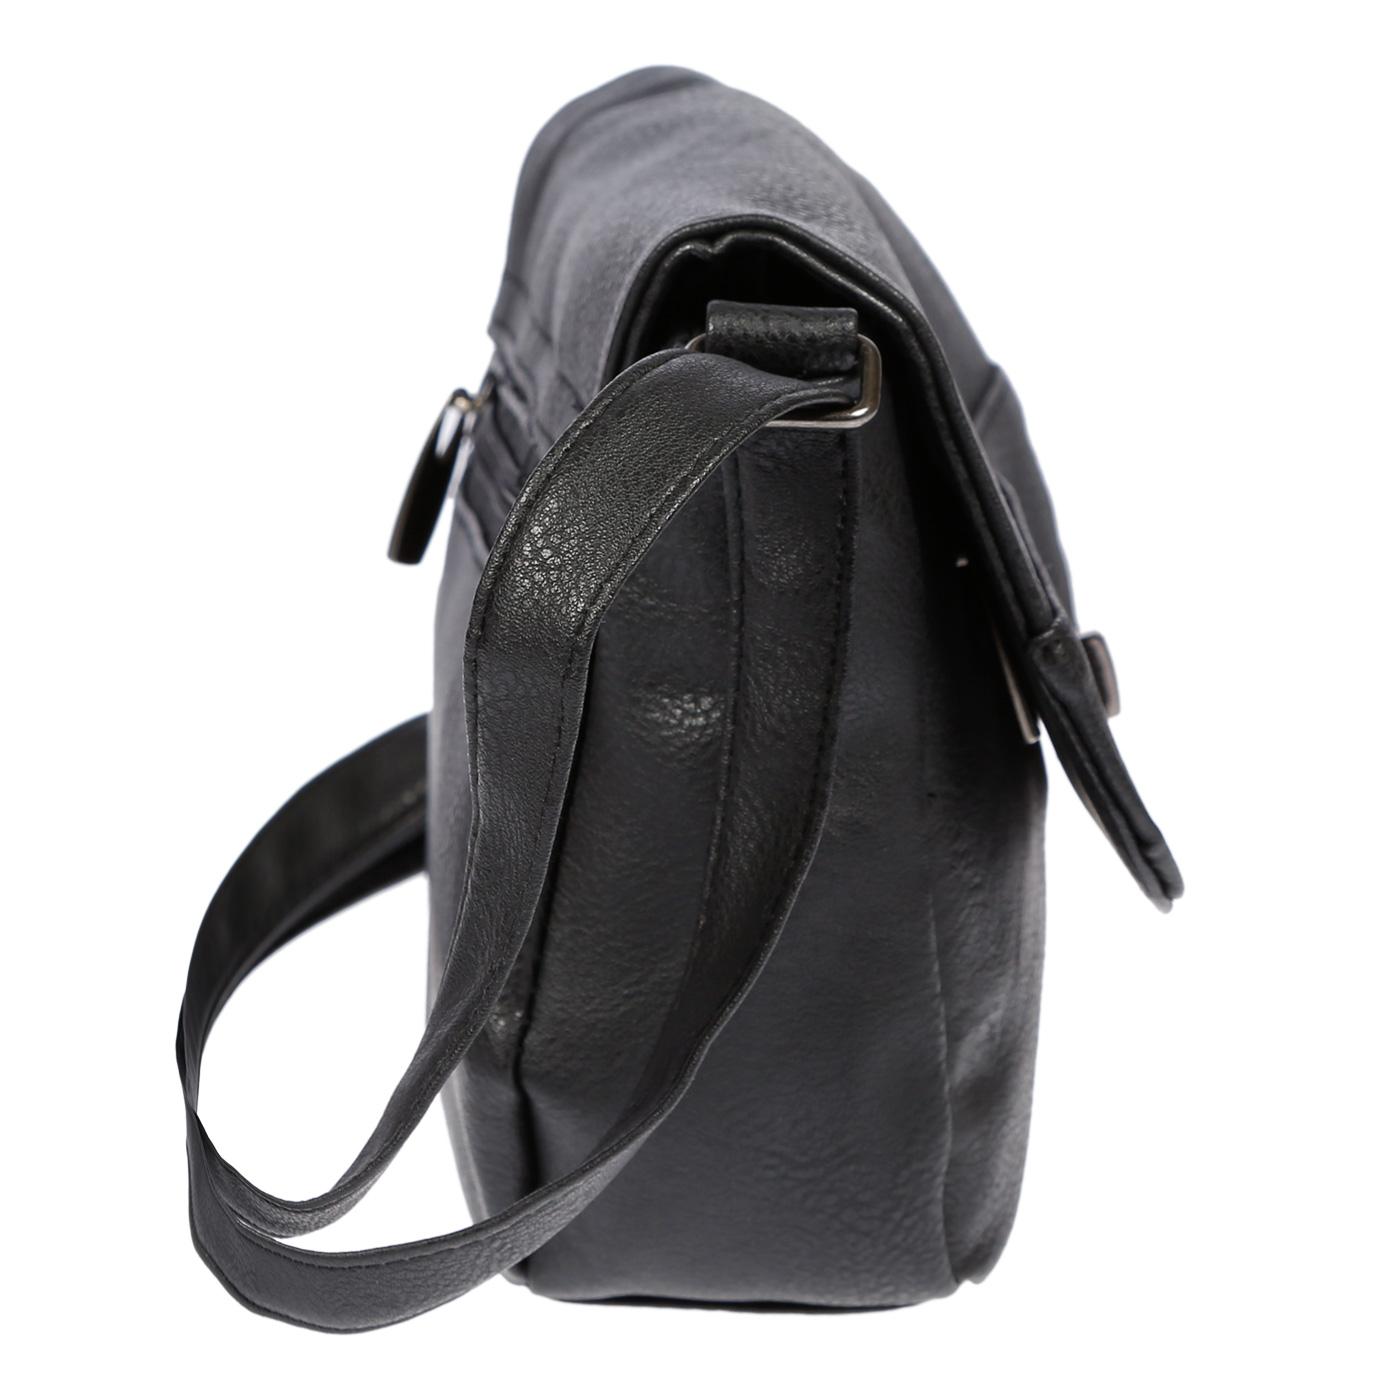 Kleine-Damen-Tasche-Umhaengetasche-Schultertasche-Crossover-Bag-Leder-Optik-NEU Indexbild 15